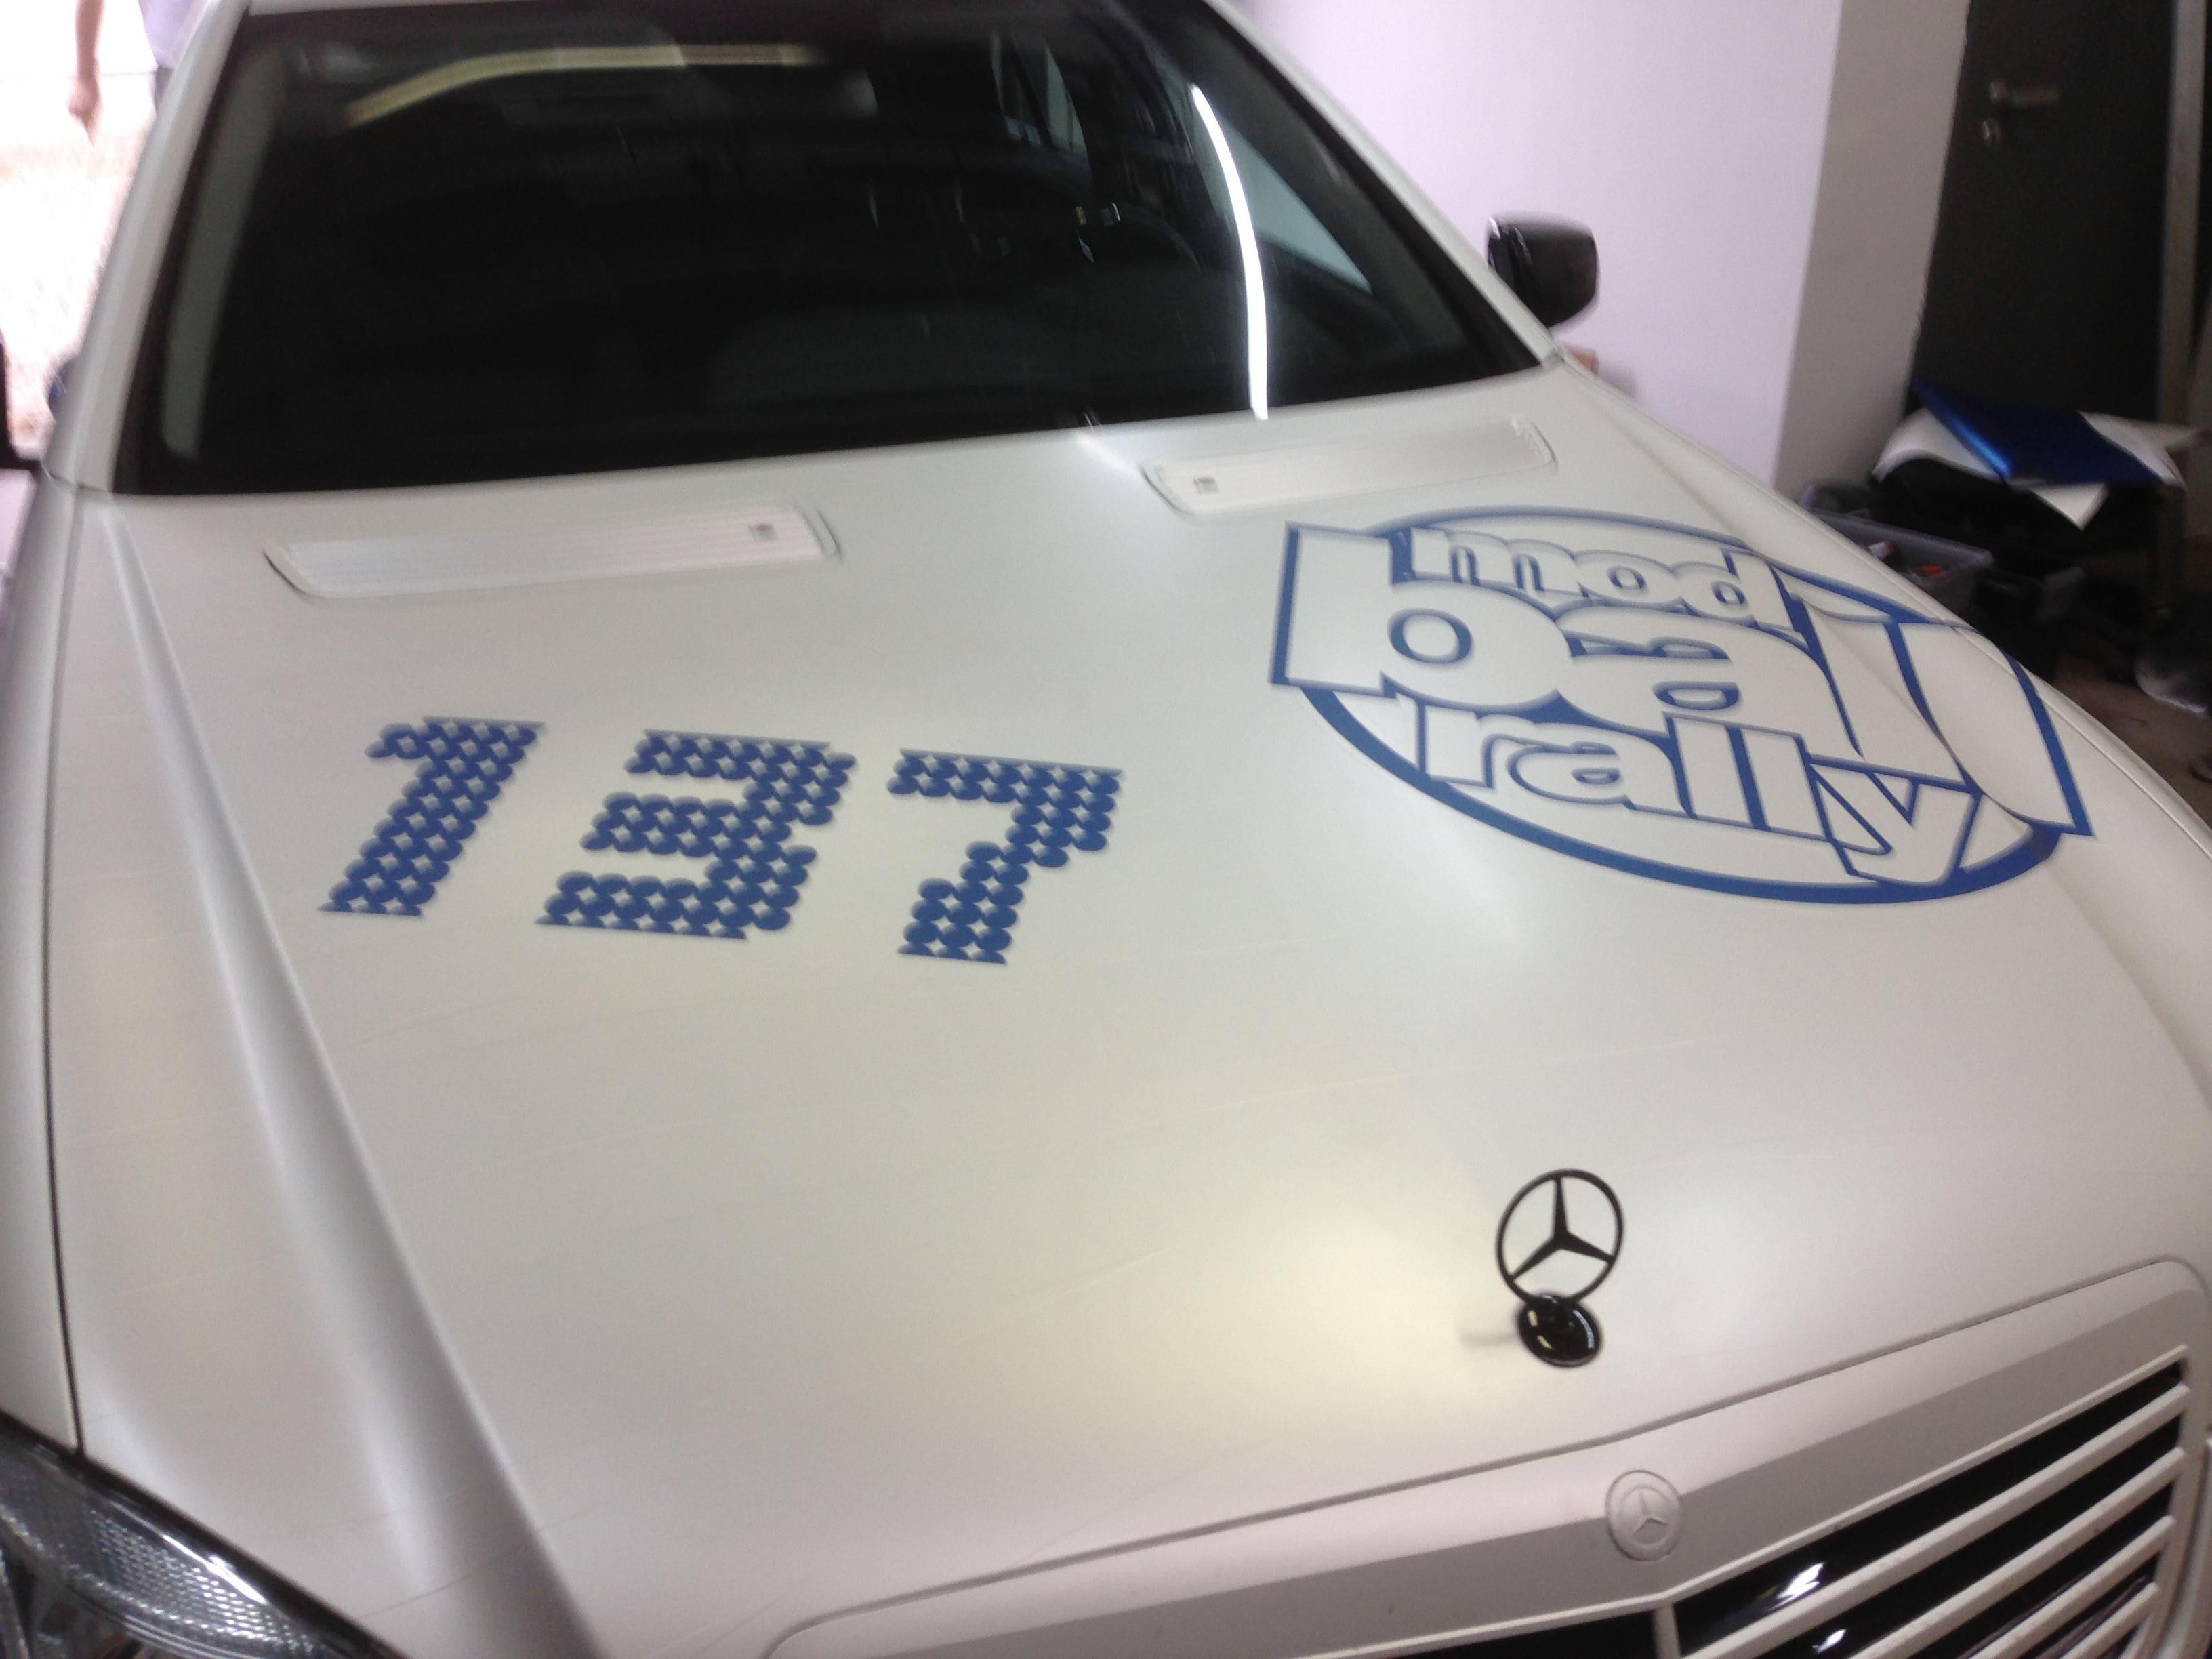 Mercedes S-Klasse AMG met Speciale Modball Wrap, Carwrapping door Wrapmyride.nu Foto-nr:6326, ©2020